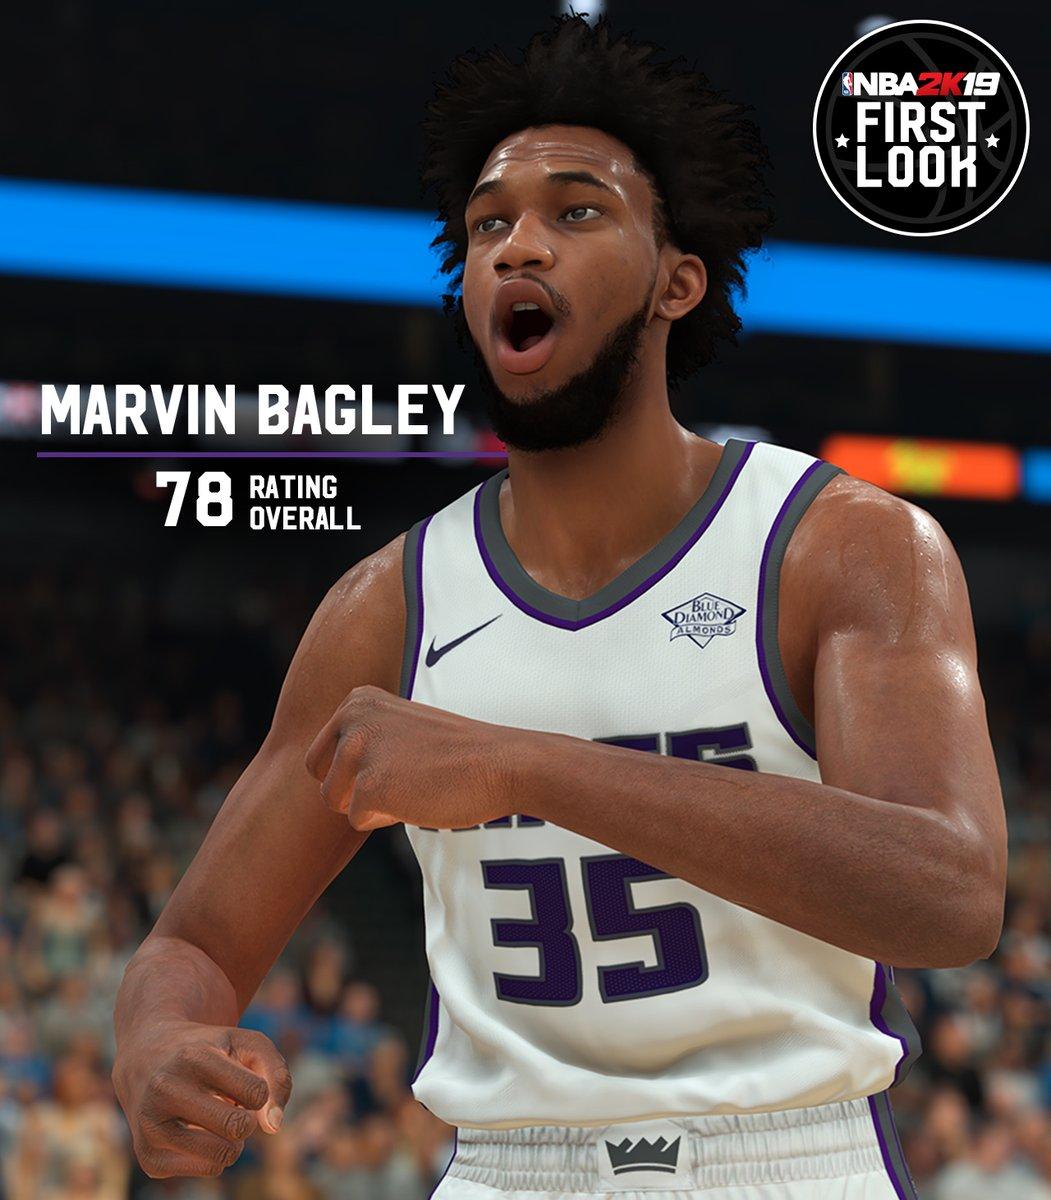 《NBA 2K19》2018屆新秀狀元榜眼探花能力值公佈